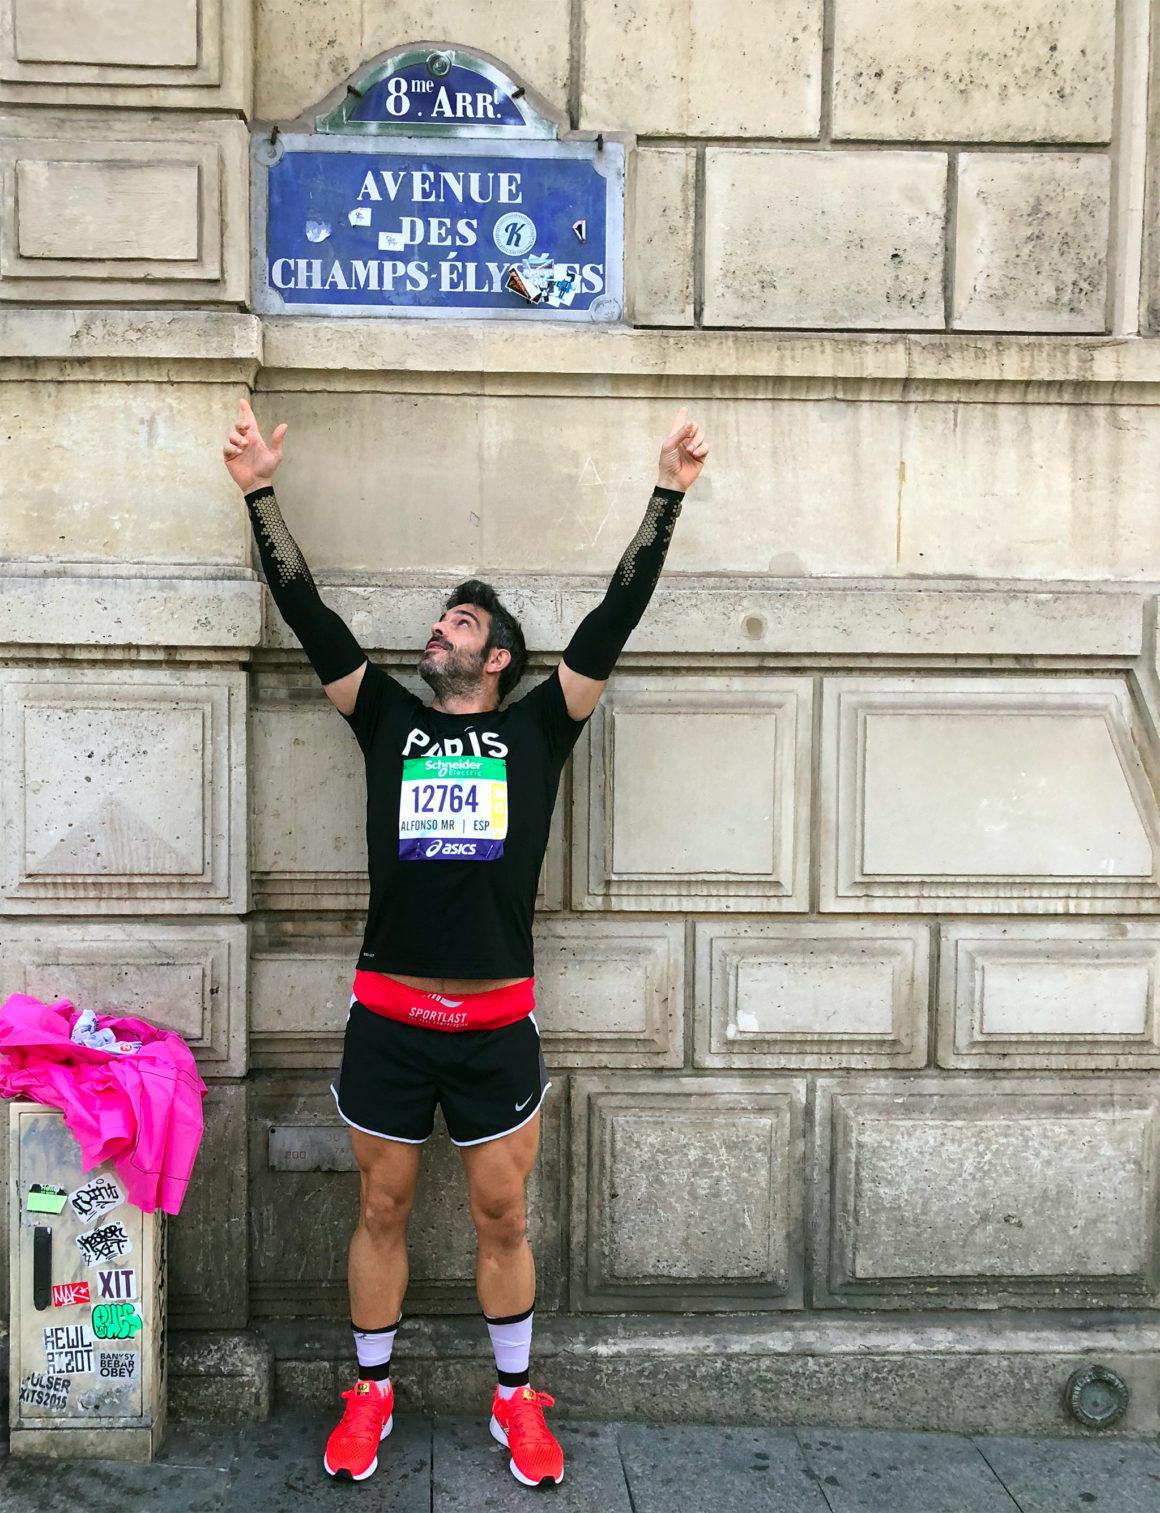 Maratón de París - Paris Marathon maratón de parís - maraton de paris marathon A 1160x1513 - Maratón de París: análisis, recorrido, entrenamiento y recomendaciones de viaje